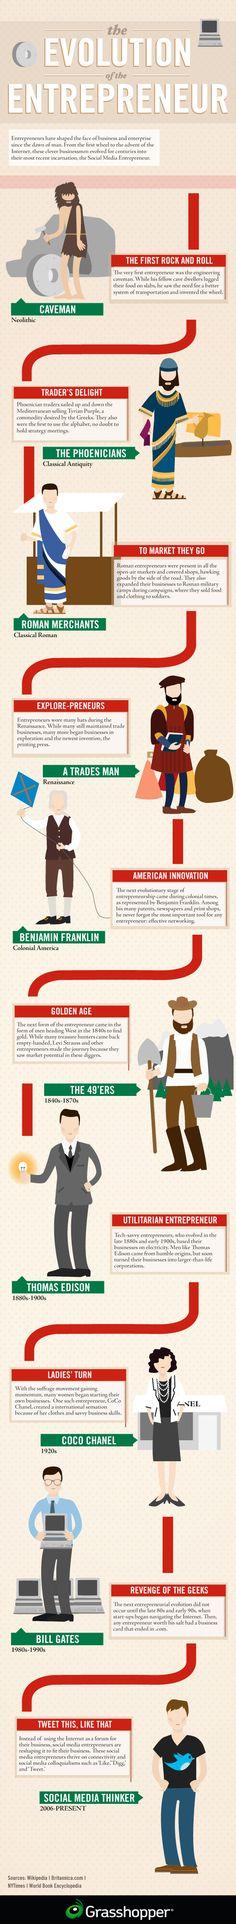 The Evolution of the Entrepreneur